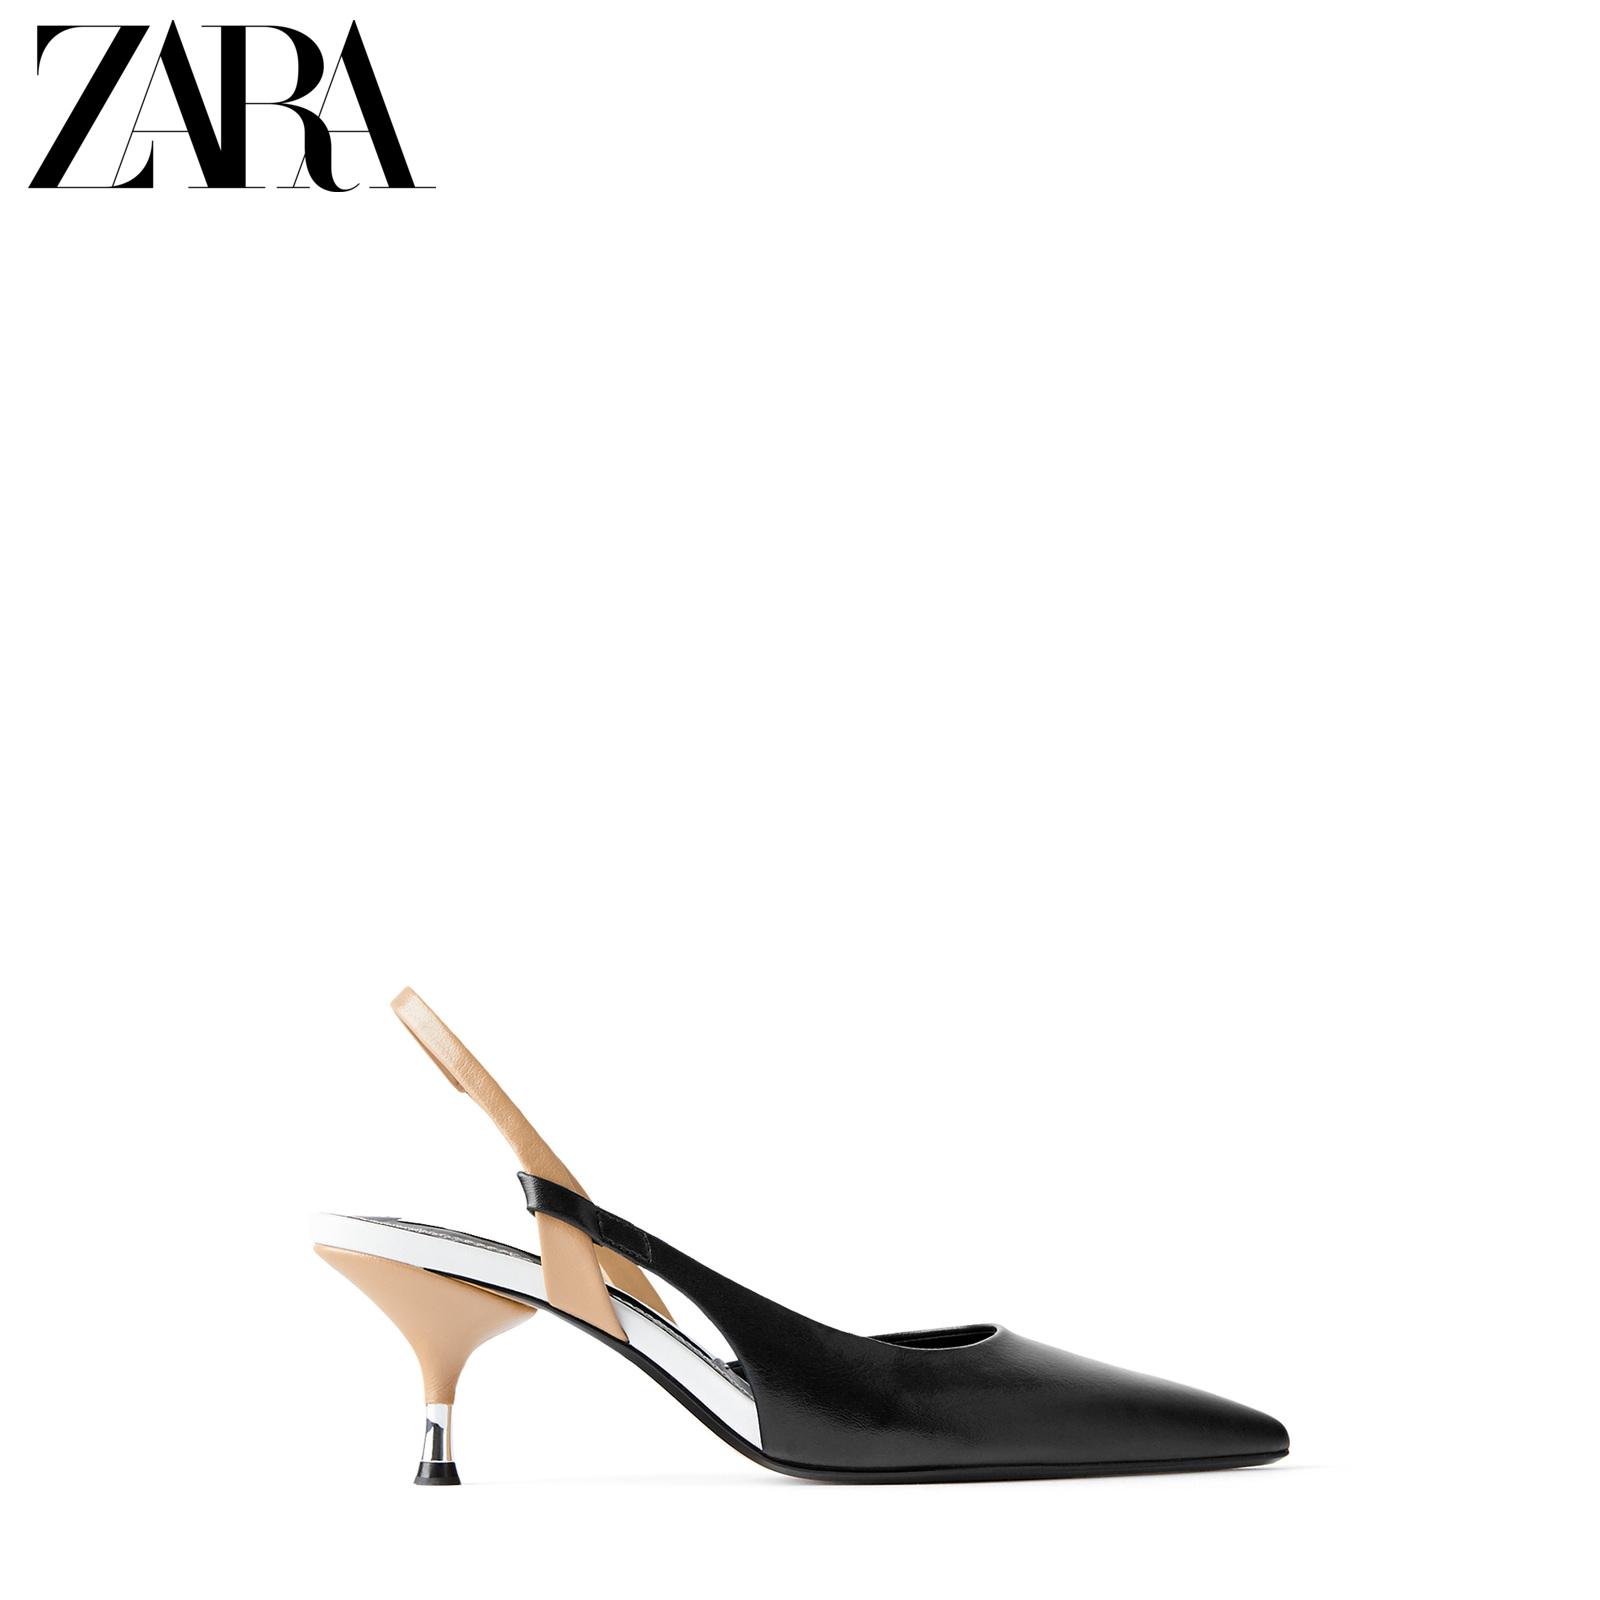 ZARA 新款 女鞋 黑色露跟细跟高跟鞋 12210510040,降价幅度40.1%